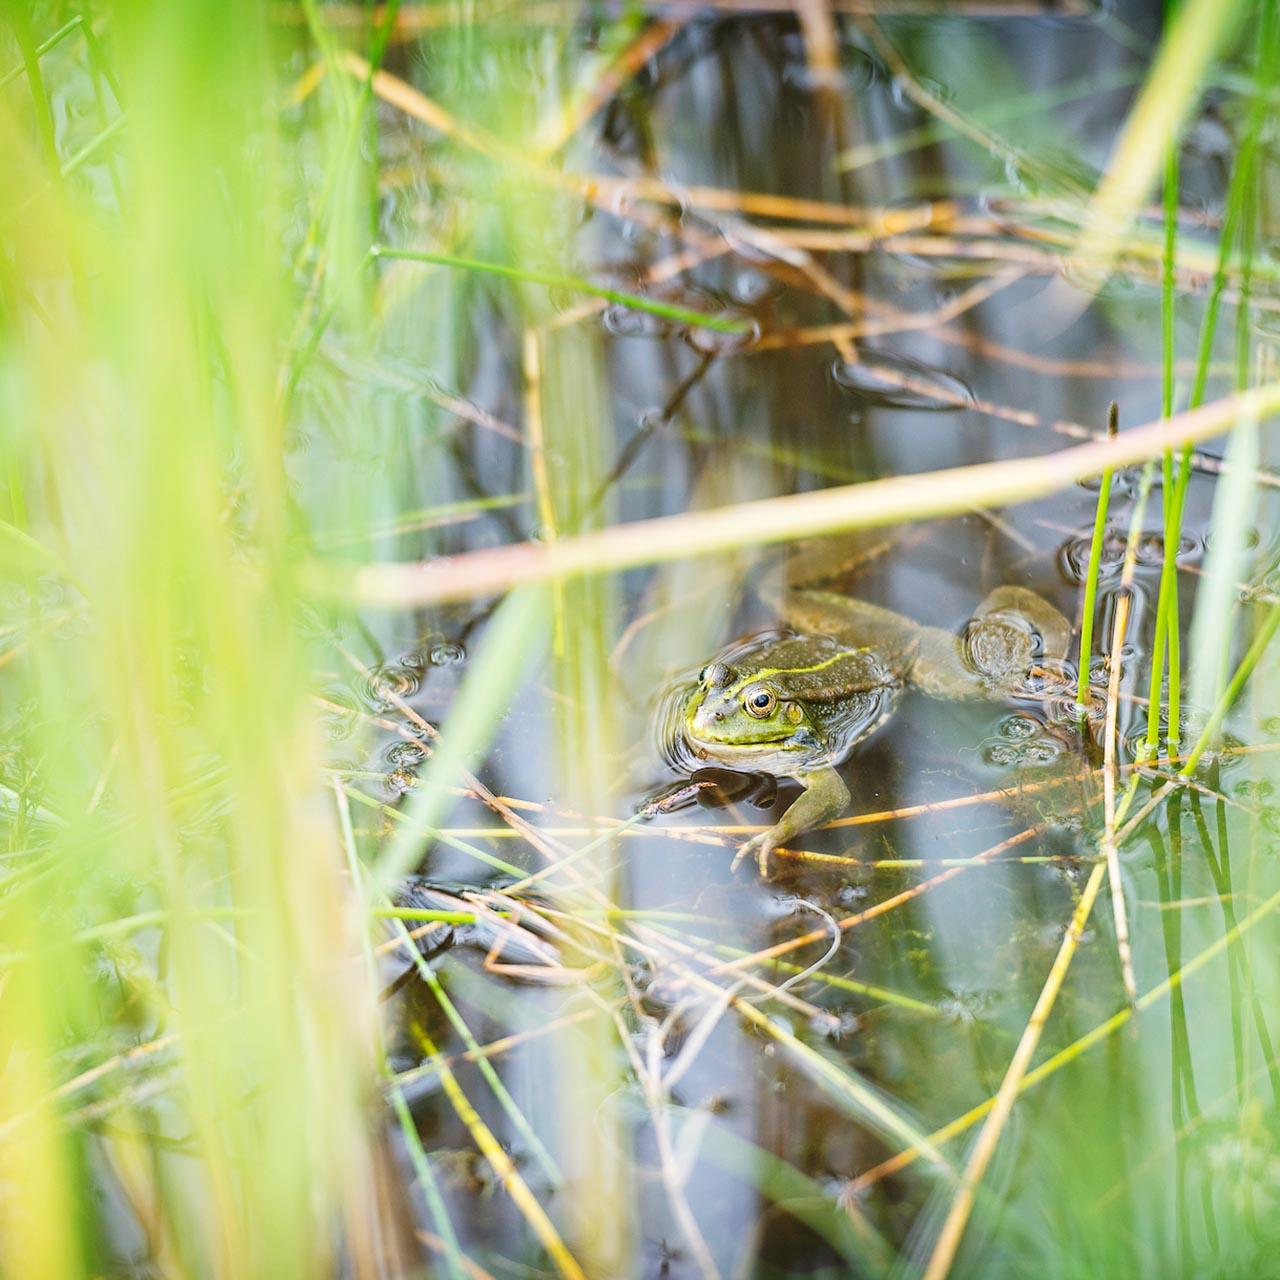 Een kikker in het frontenpark. CNME Maastricht en regio Centrum voor Natuur- en Milieueducatie